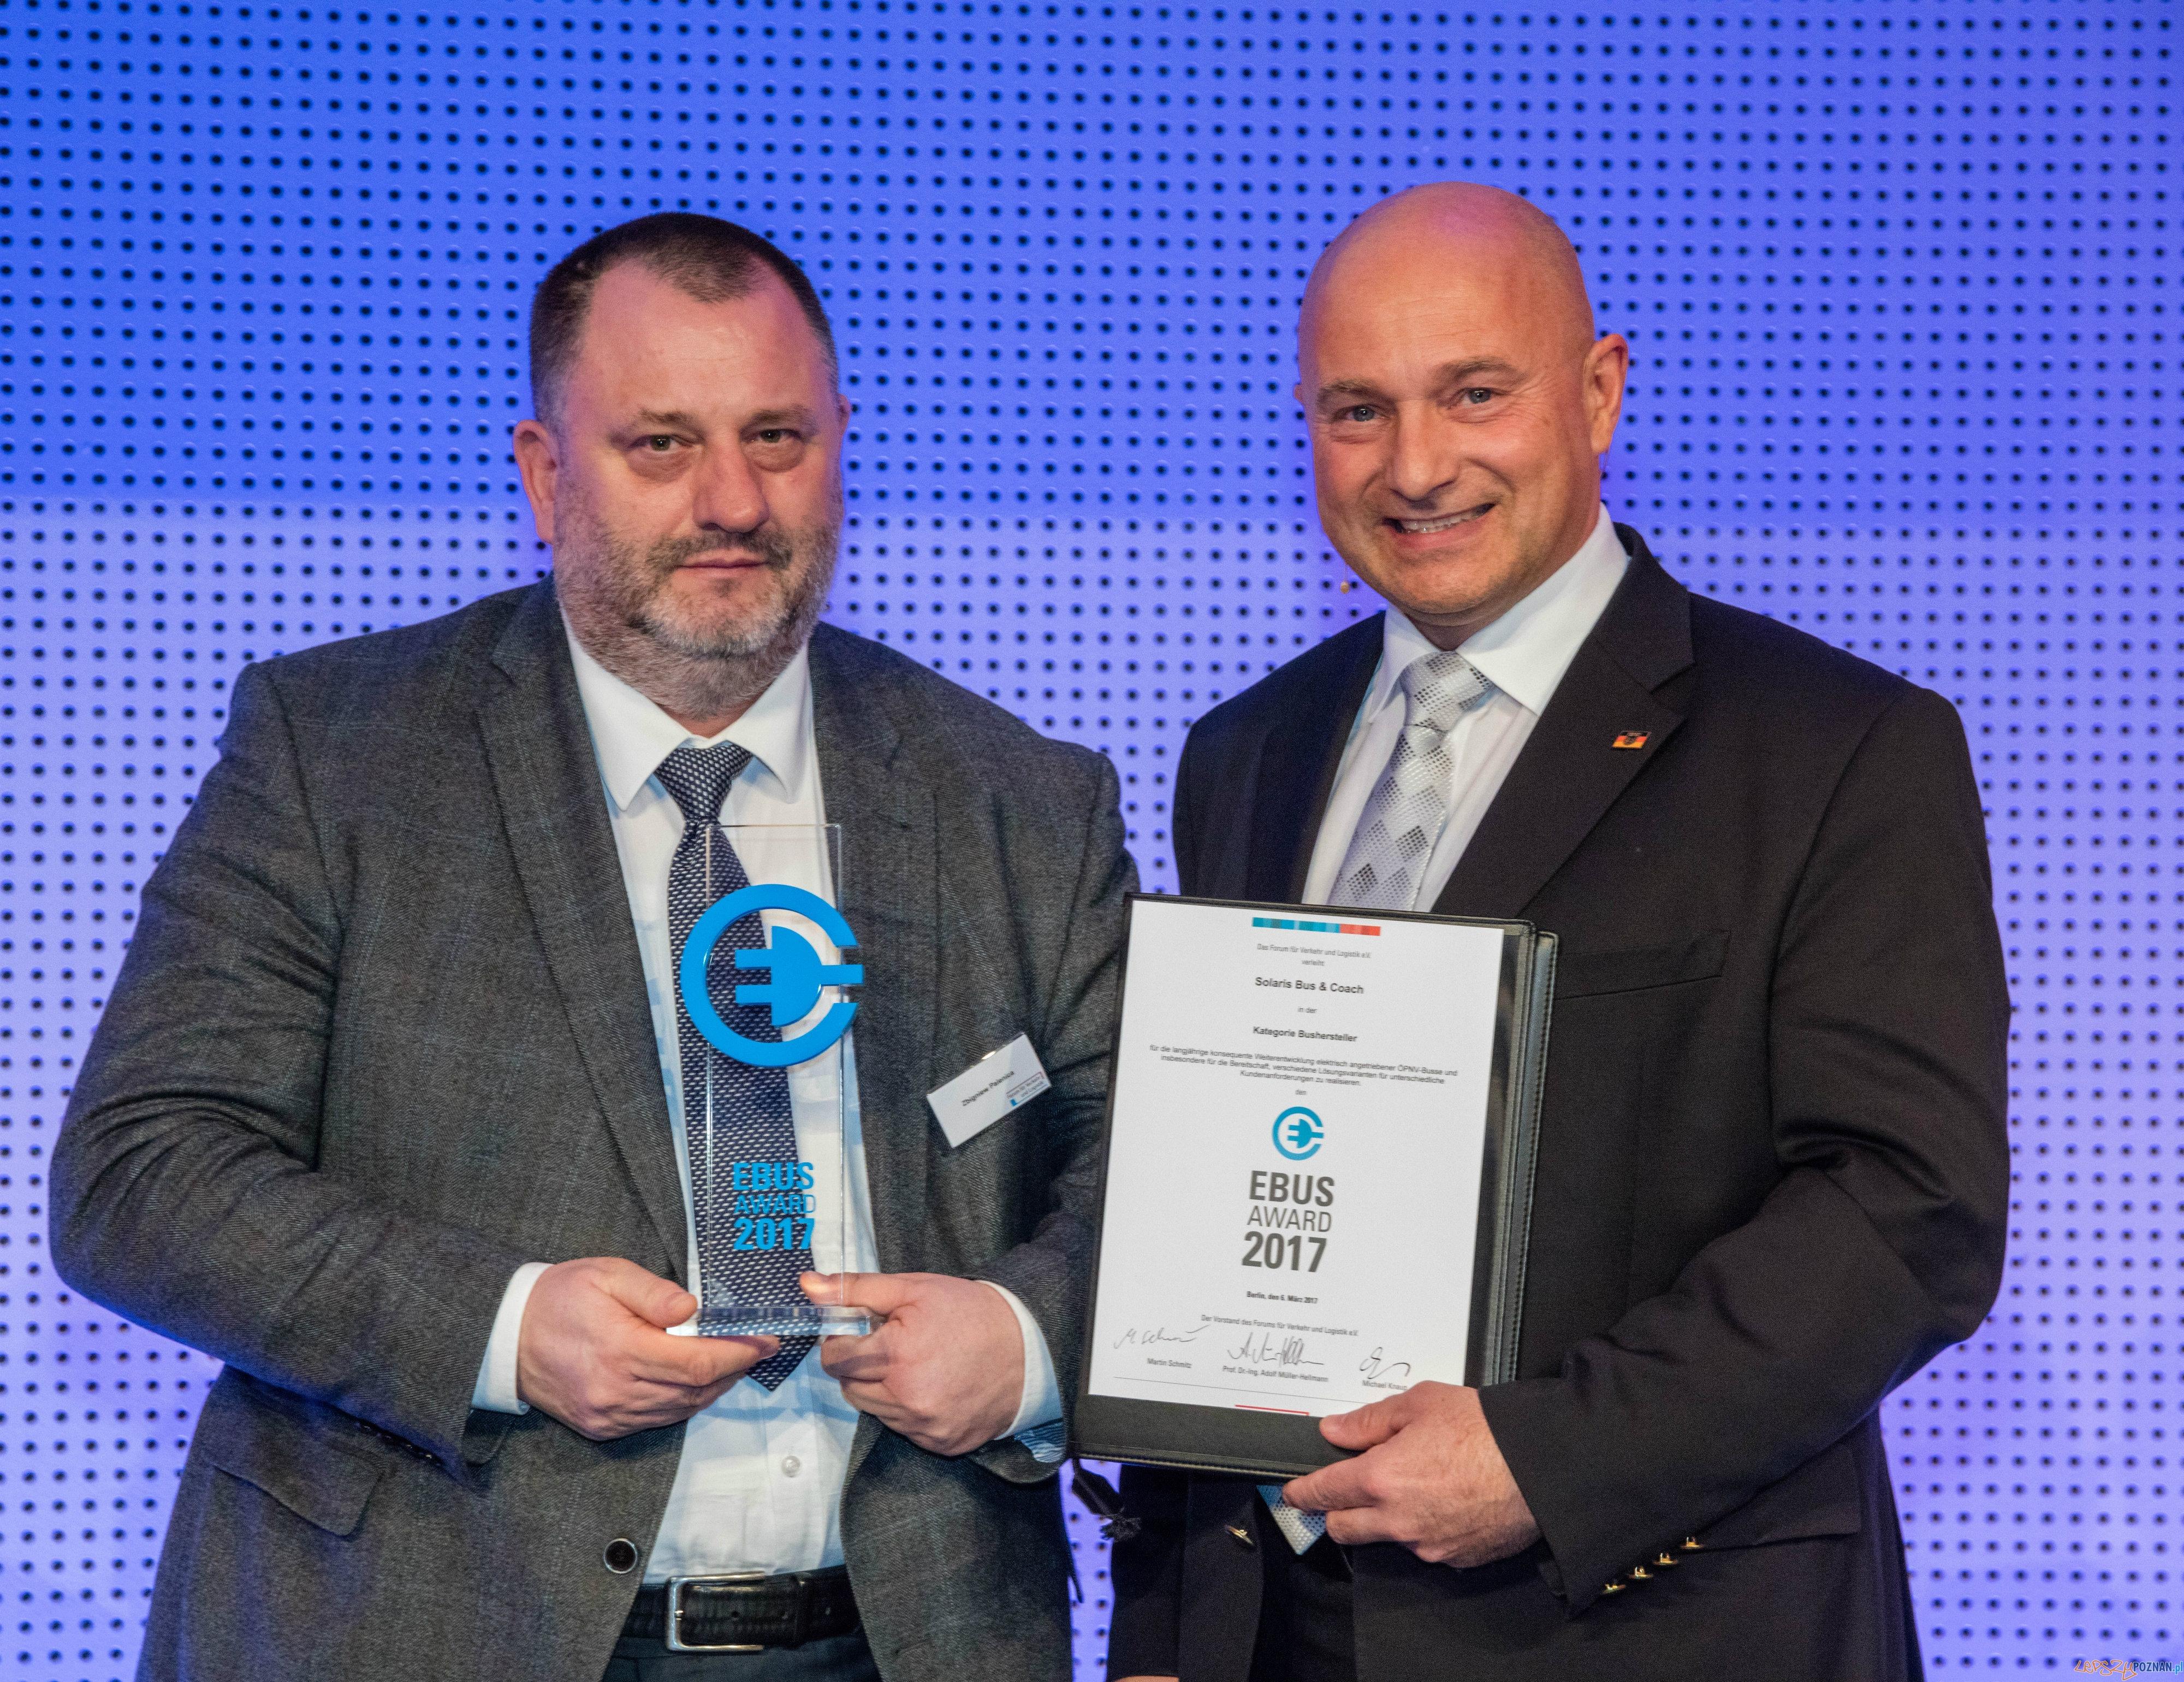 Zbigniew Palenica, Wiceprezes Zarządu Solaris Bus & Coach podczas odbierania statuetki EBUS Award